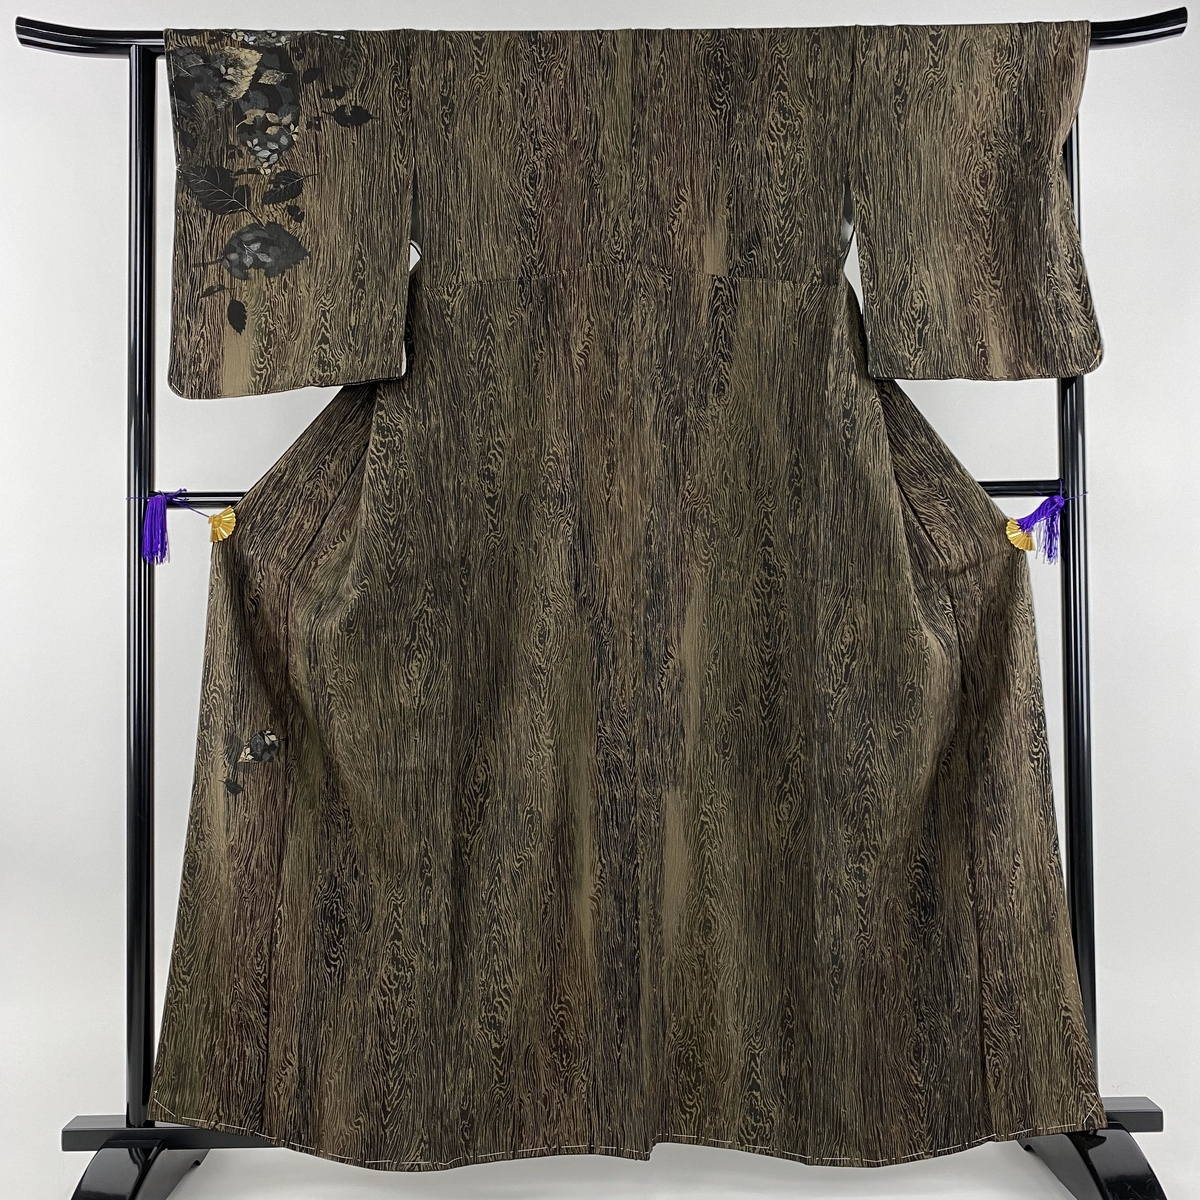 訪問着 美品 名品 深裳織 木目柄 葉柄 金彩 茶緑色 袷 身丈161.5cm 裄丈64.5cm M 正絹 【中古】